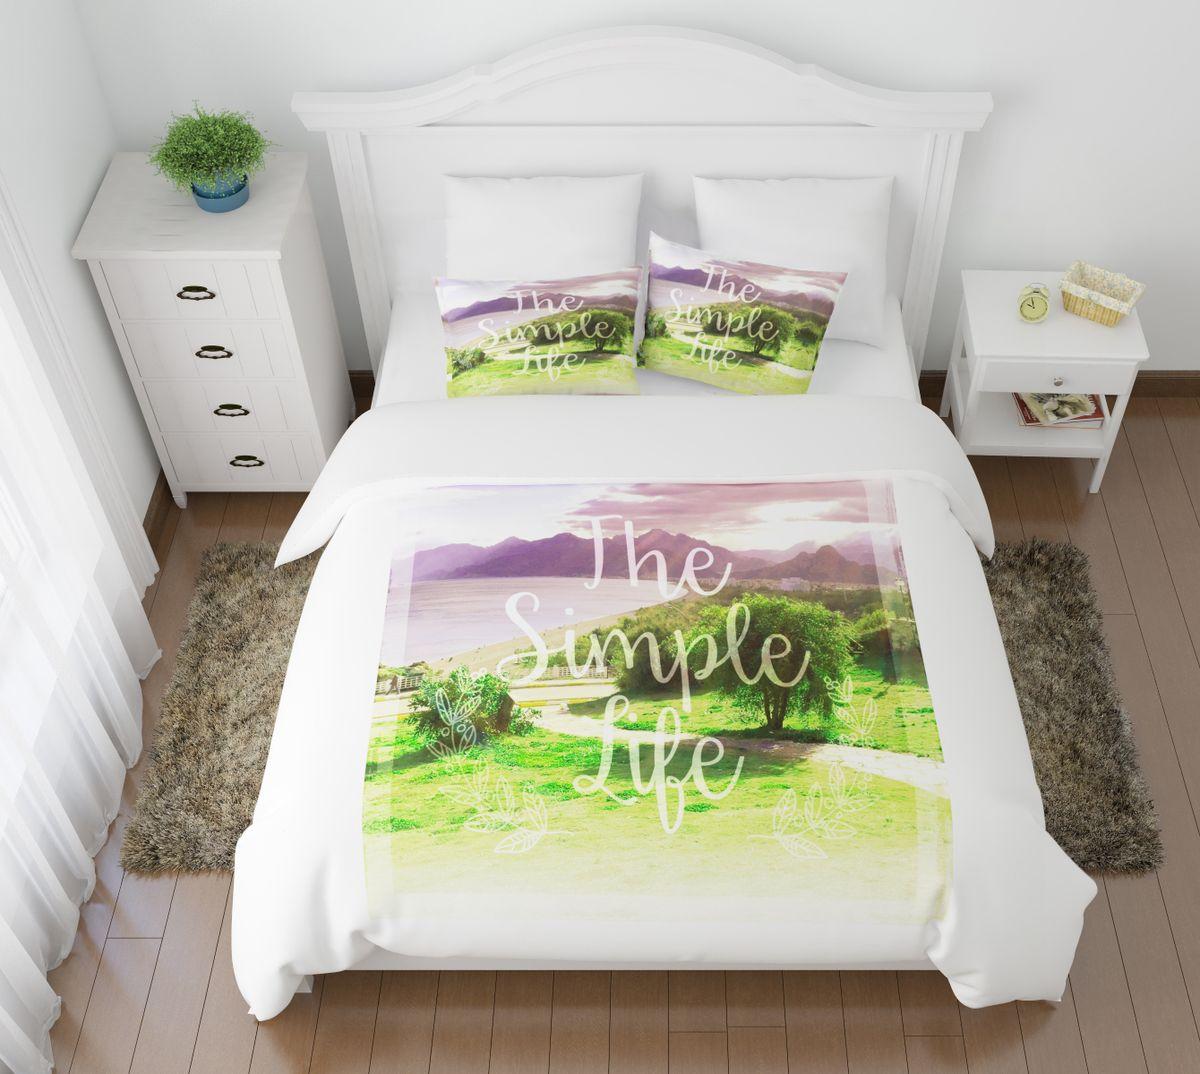 Комплект белья Сирень Простая жизнь, 2-спальный, наволочки 50х70FA-5125 WhiteКомплект постельного белья Сирень выполнен из прочной и мягкой ткани. Четкий и стильный рисунок в сочетании с насыщенными красками делают комплект постельного белья неповторимой изюминкой любого интерьера.Постельное белье идеально подойдет для подарка. Идеальное соотношение смешенной ткани и гипоаллергенных красок - это гарантия здорового, спокойного сна. Ткань хорошо впитывает влагу, надолго сохраняет яркость красок.В комплект входят: простынь, пододеяльник, две наволочки. Постельное белье легко стирать при 30-40°С, гладить при 150°С, не отбеливать. Рекомендуется перед первым использованием постирать.УВАЖАЕМЫЕ КЛИЕНТЫ! Обращаем ваше внимание, что цвет простыни, пододеяльника, наволочки в комплектации может немного отличаться от представленного на фото.